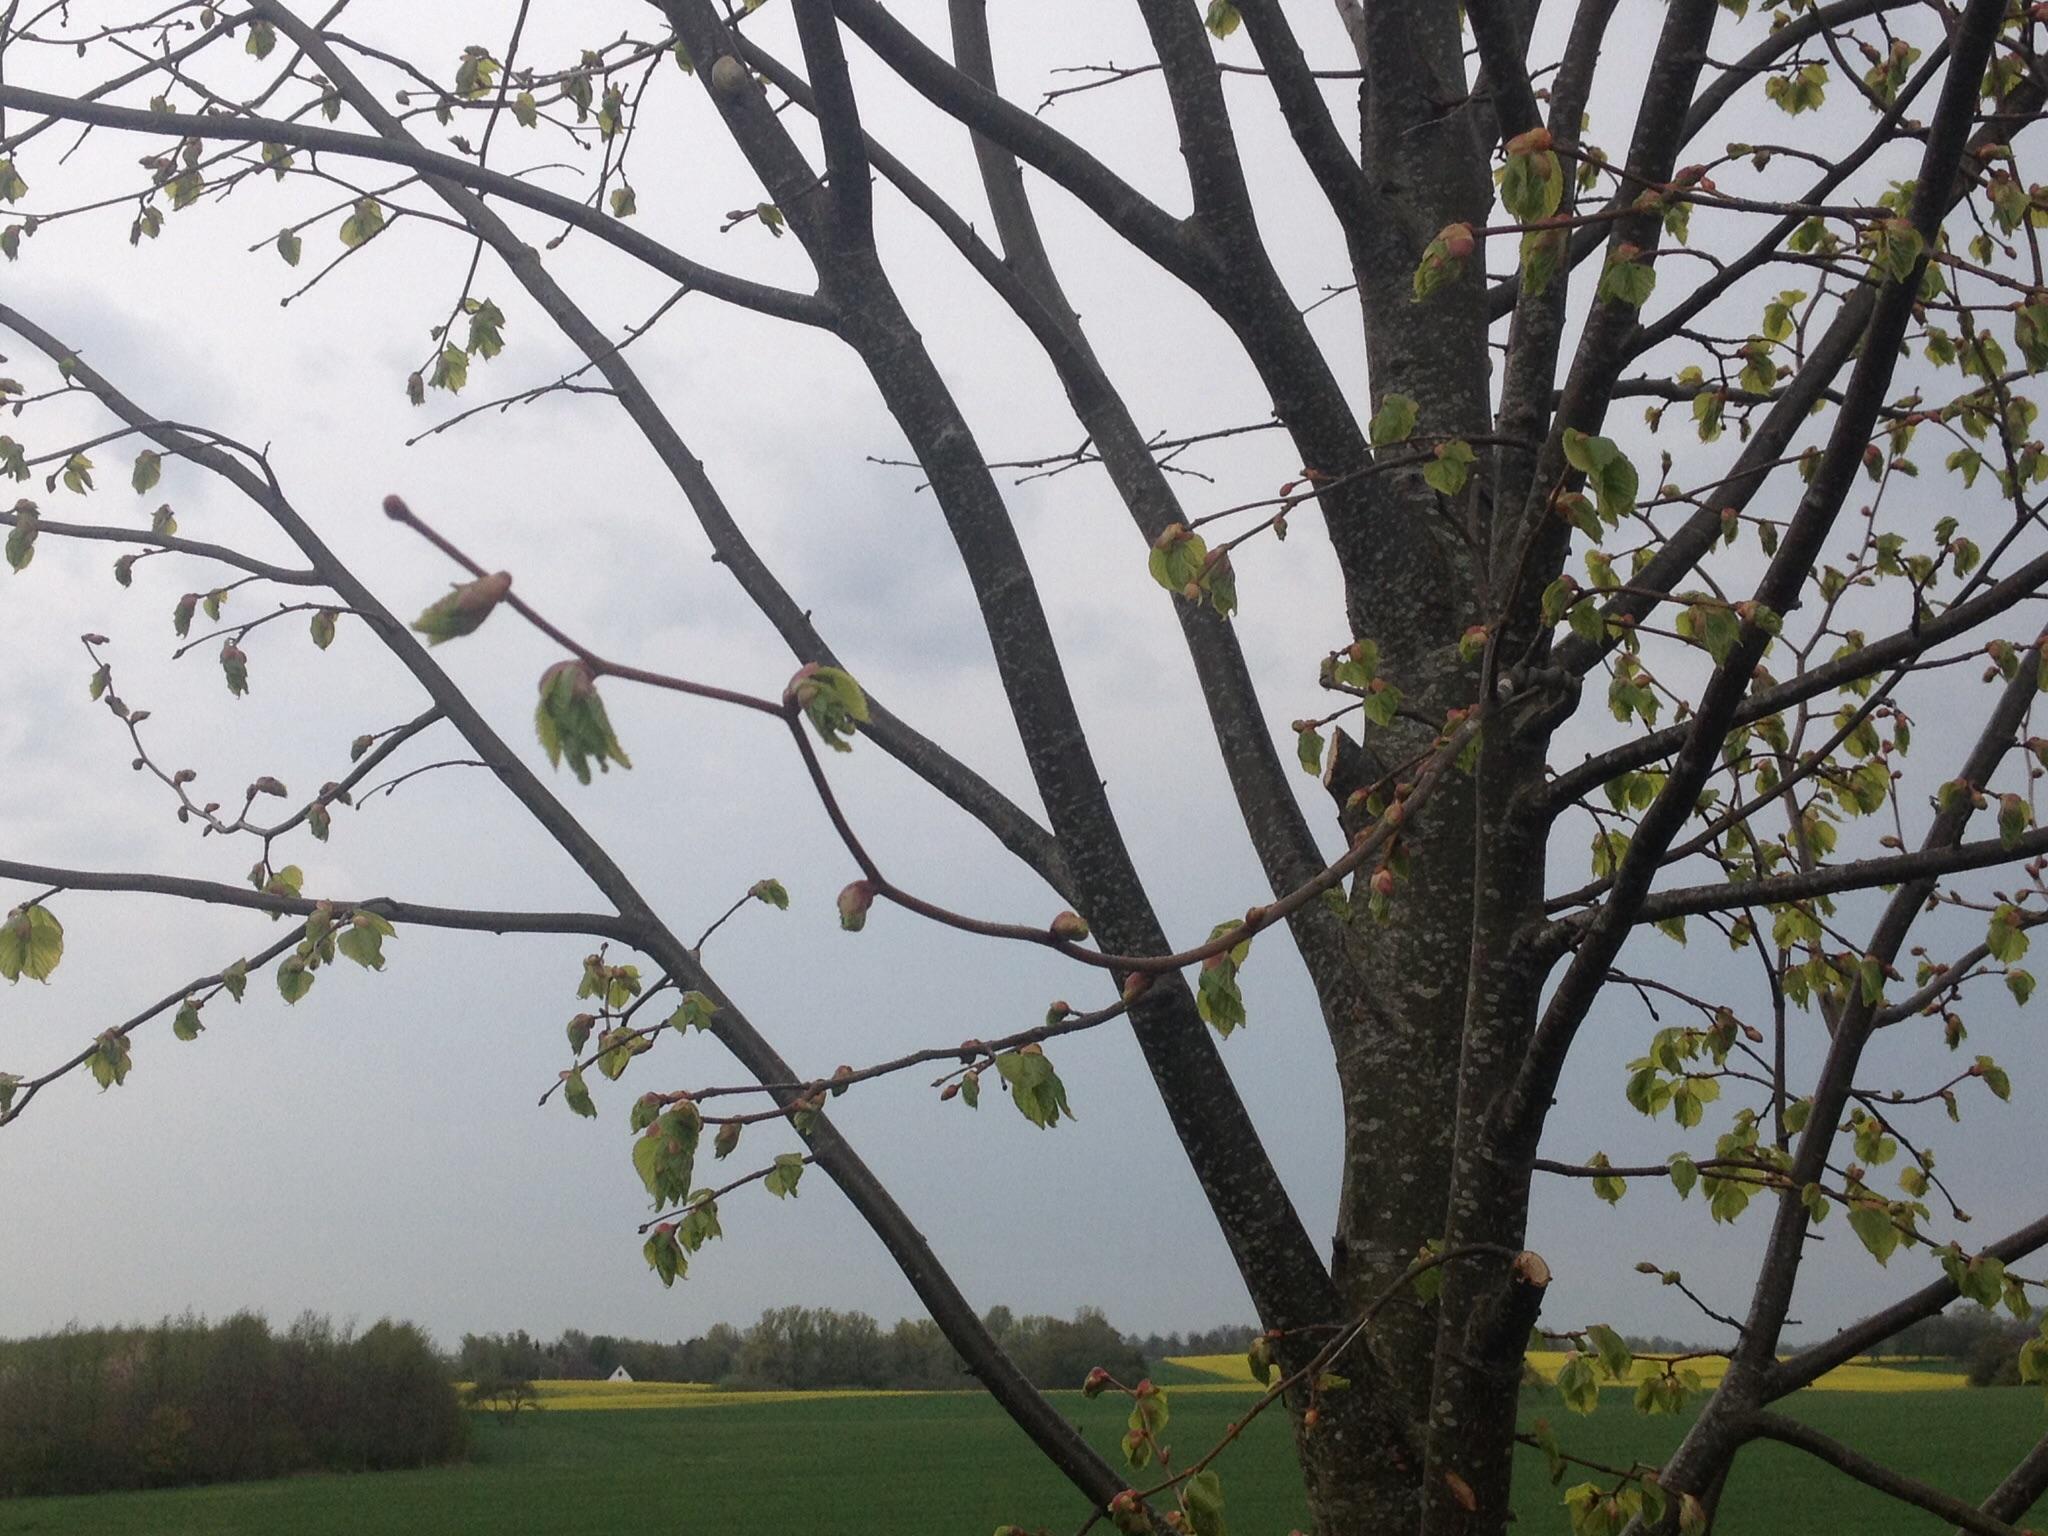 Stilhed før stormen?